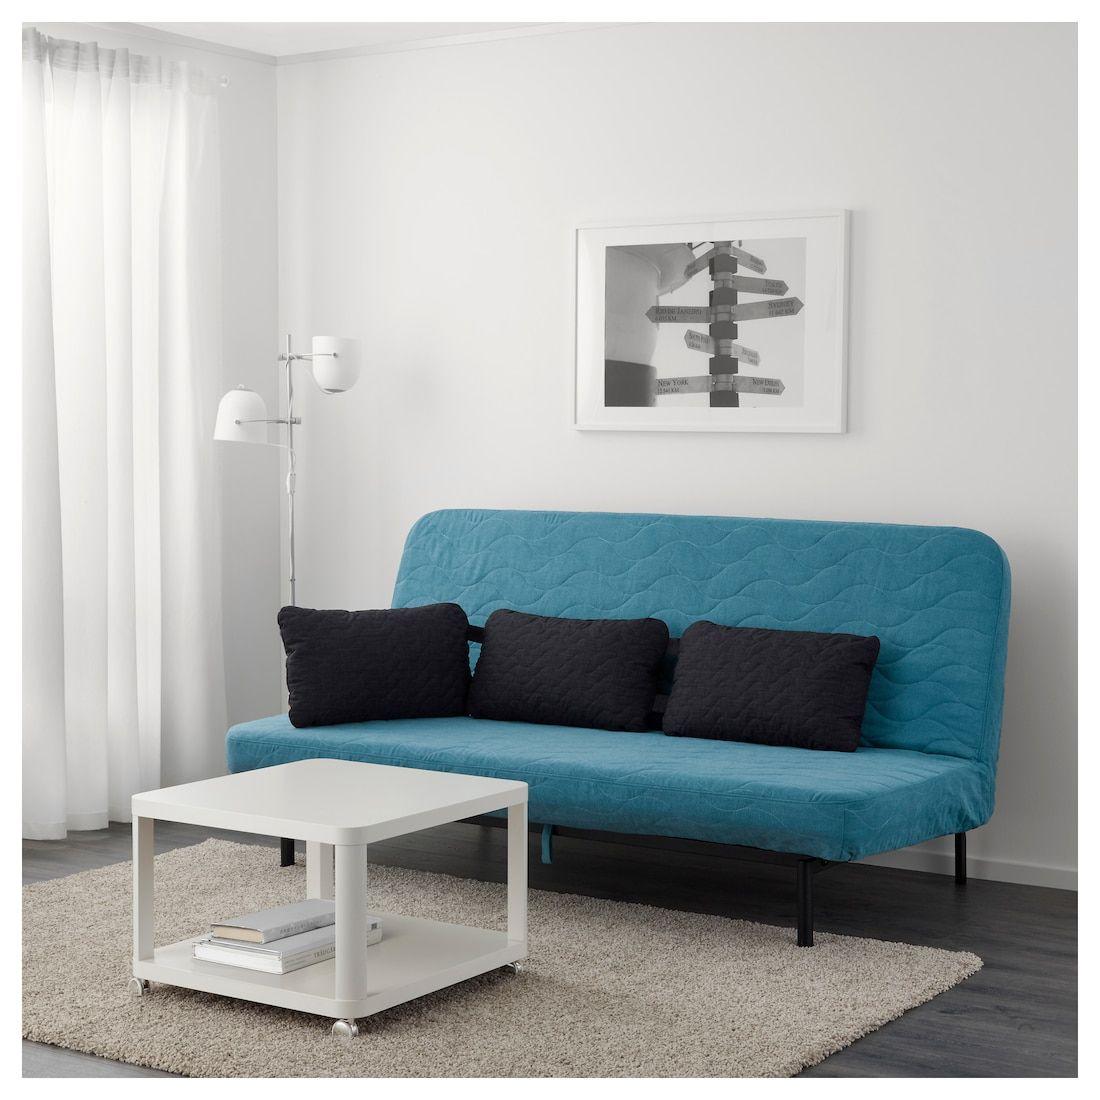 Nyhamn Convertible Clic Clac 3 Places Avec Matelas En Mousse Borred Vert Bleu Ikea Matelas En Mousse Meuble Canape Meuble